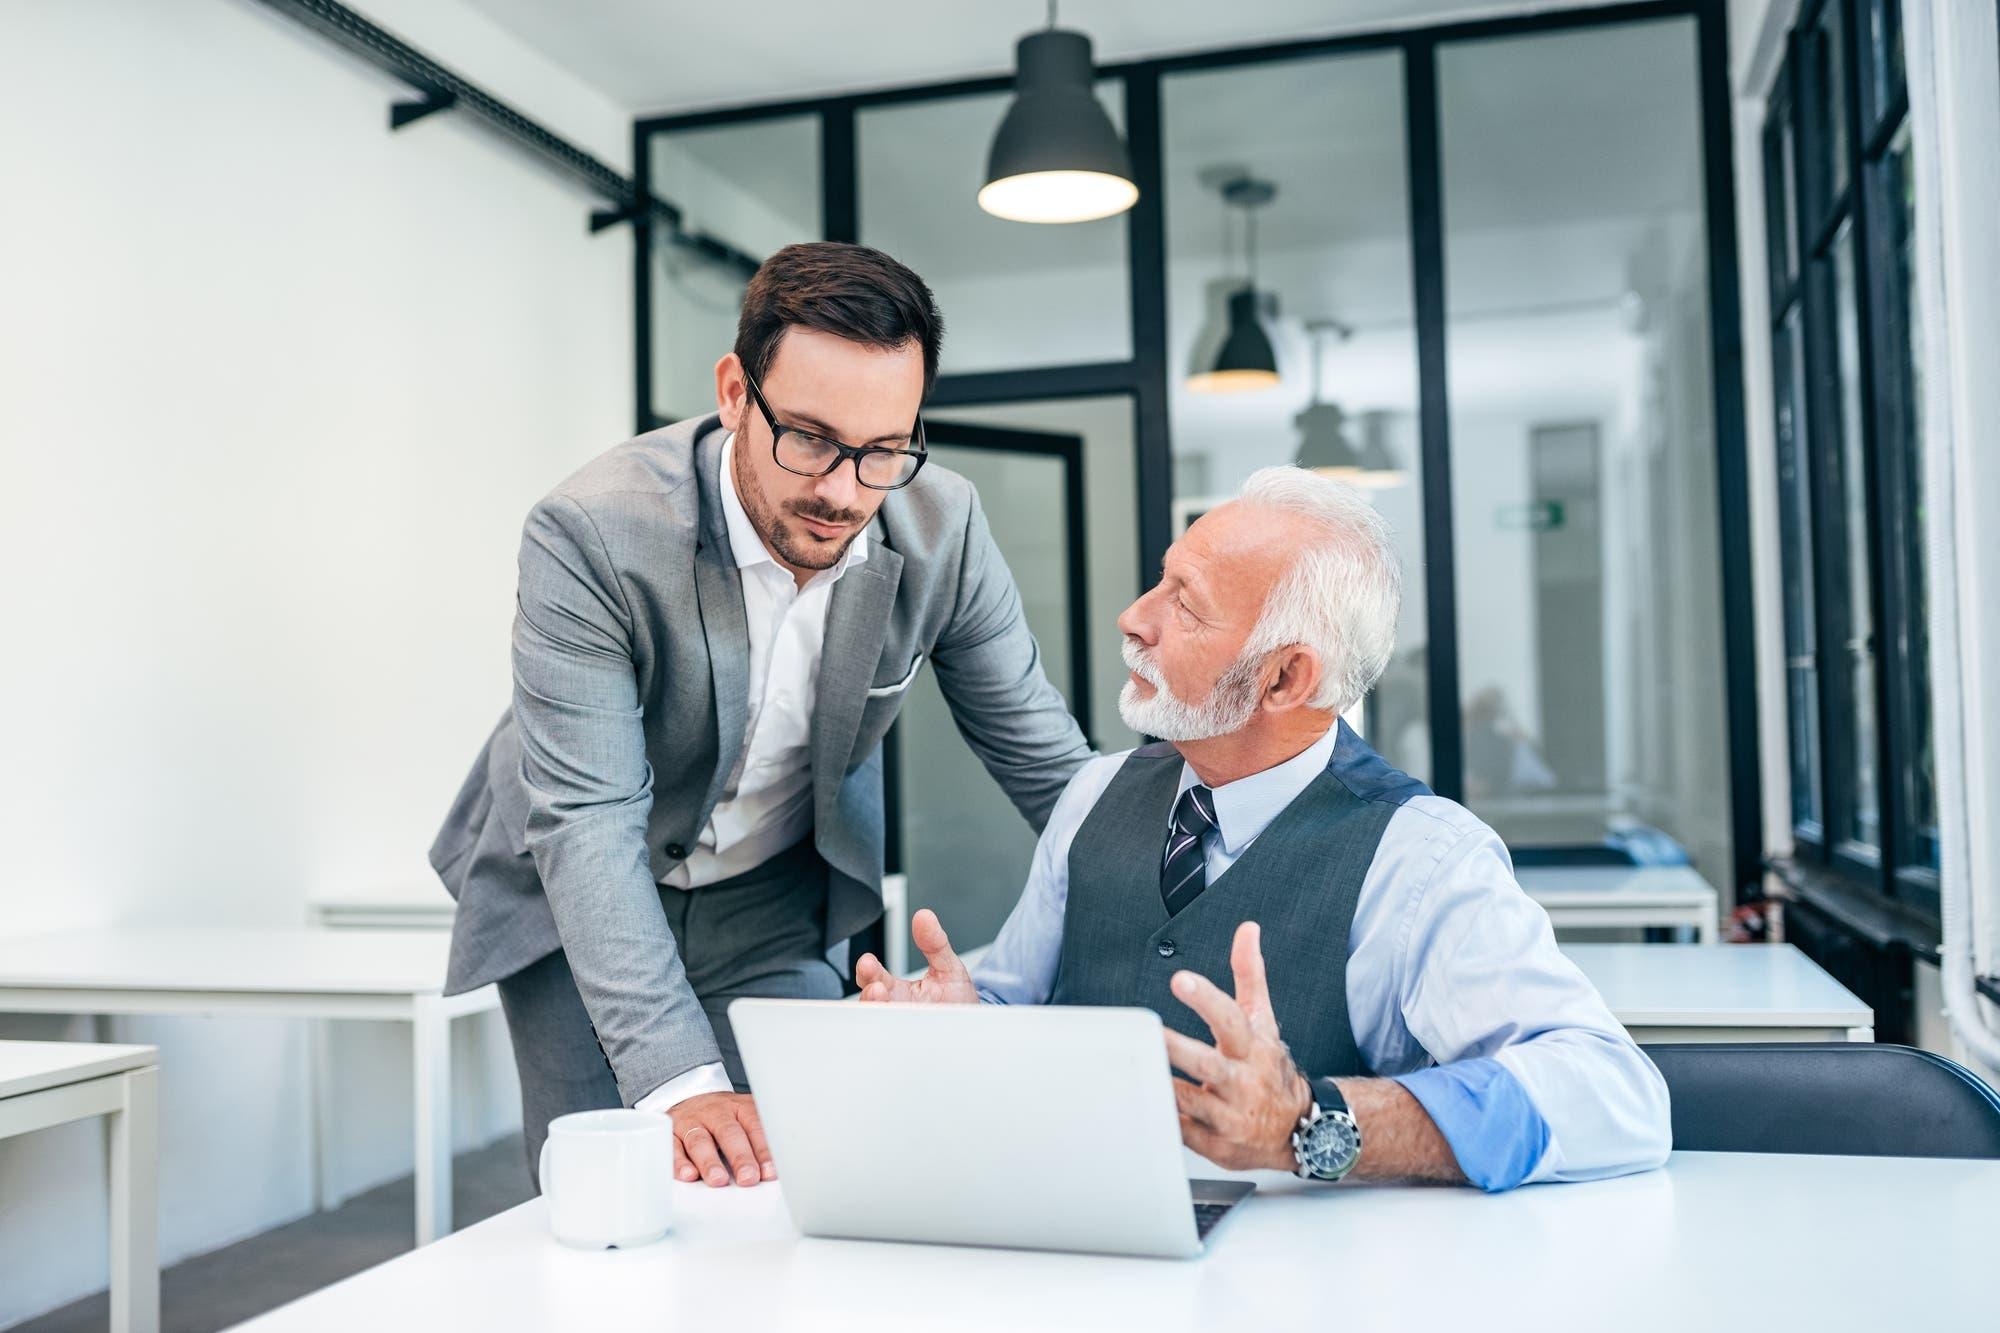 Cómo lograr la reinserción laboral después de los 40 años con la ayuda de la tecnología